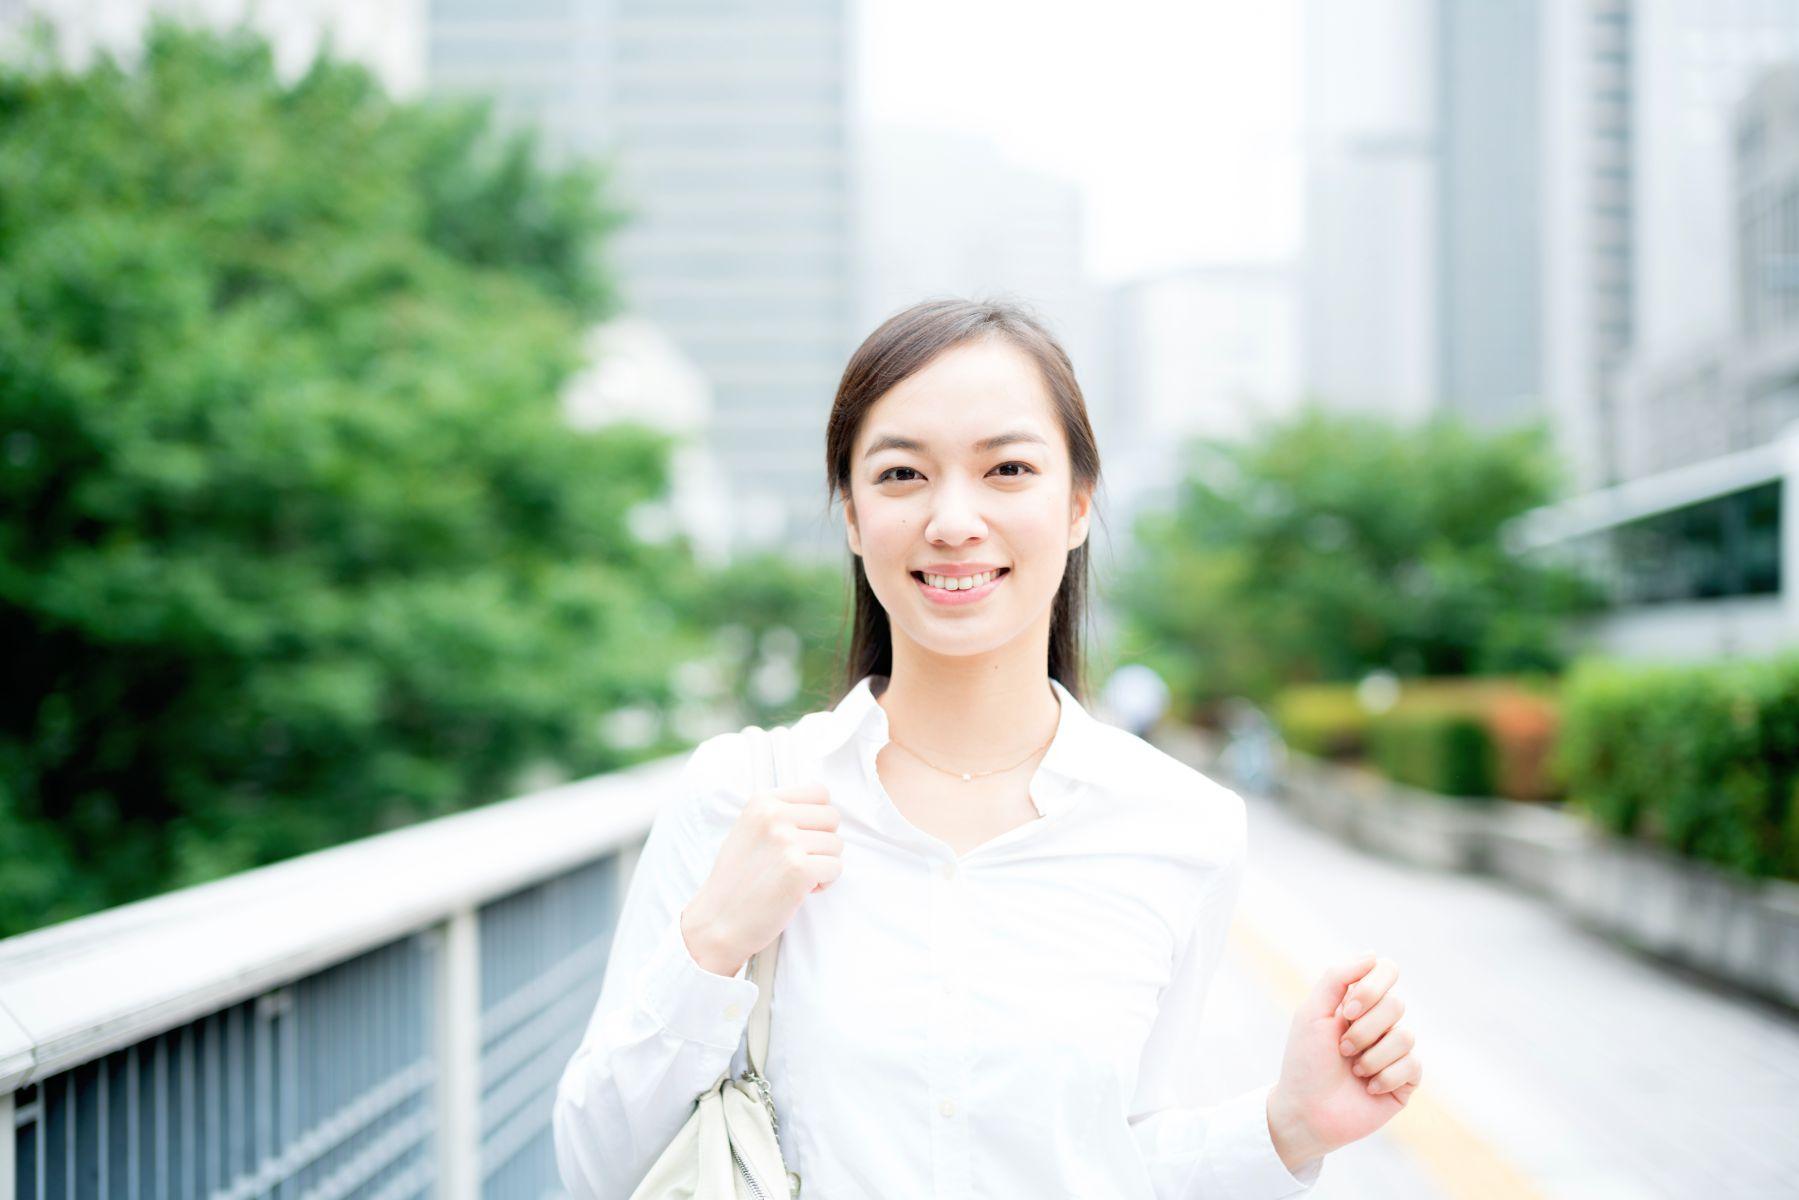 日本人抗衰老的秘密!早中晚這樣吃2食物,預防老化、抗發炎就能讓你更年輕